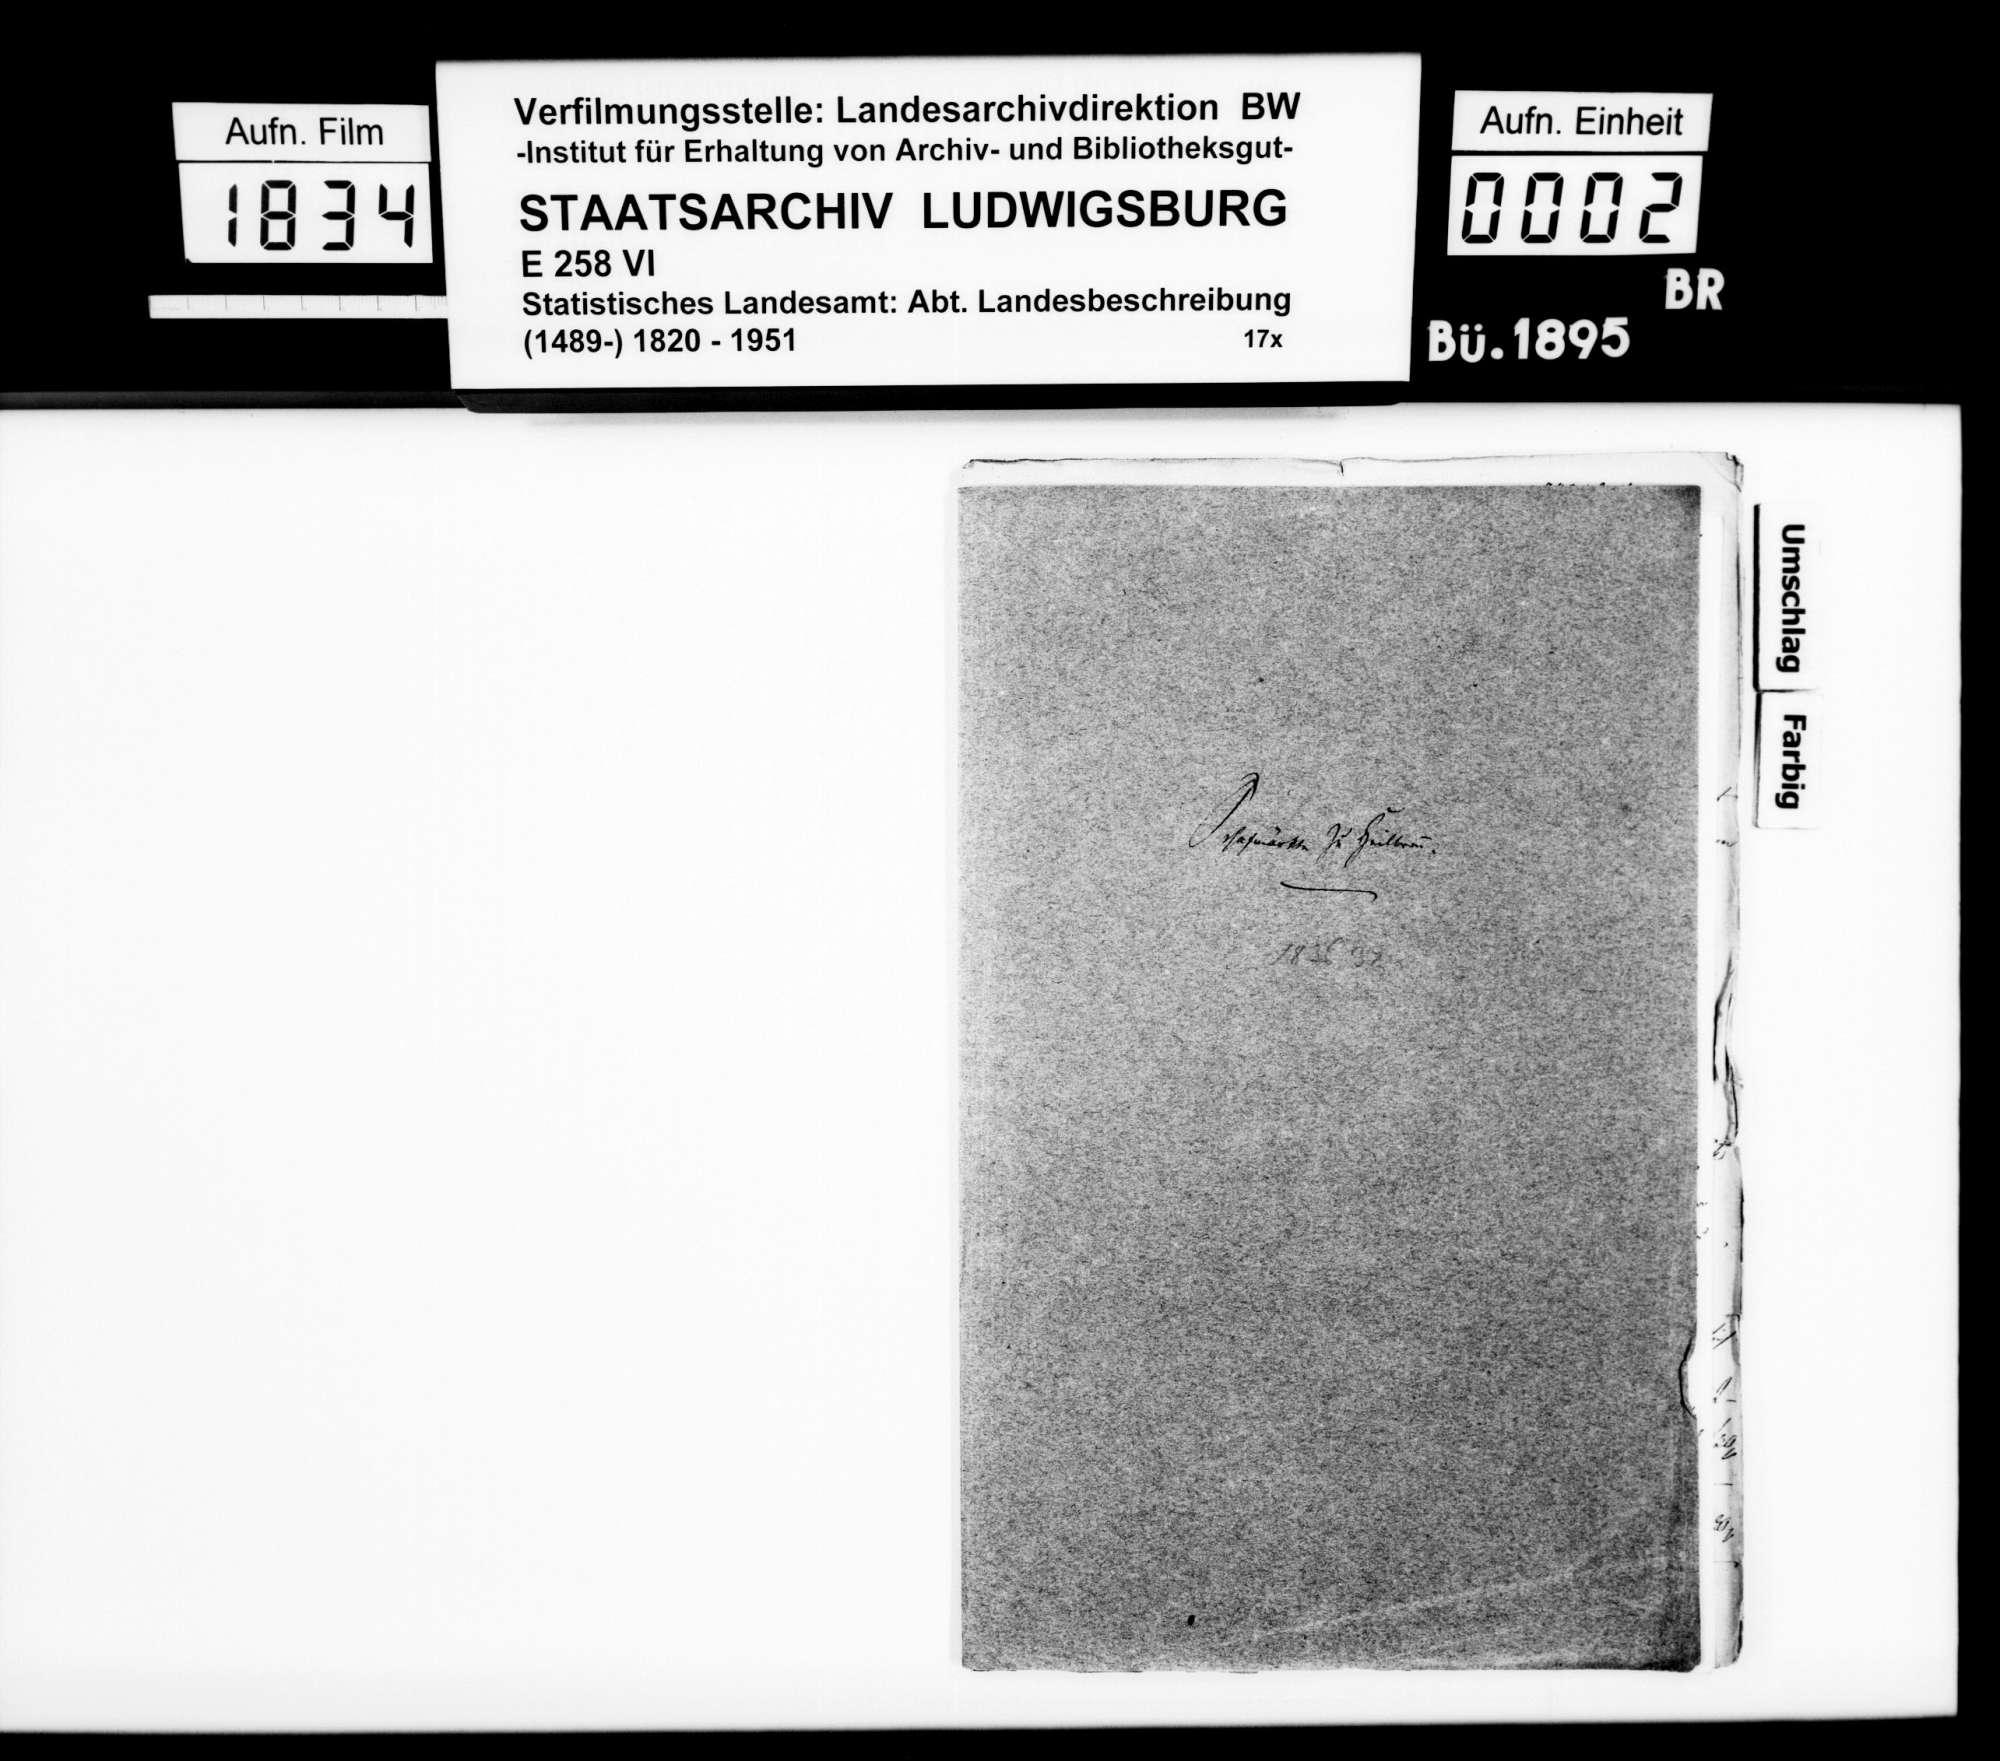 Berichte des Schultheißen Titot aus Heilbronn über Umsätze und Preise der Heilbronner Schafmärkte 1836, 1837, 1841 und 1842, Bild 1